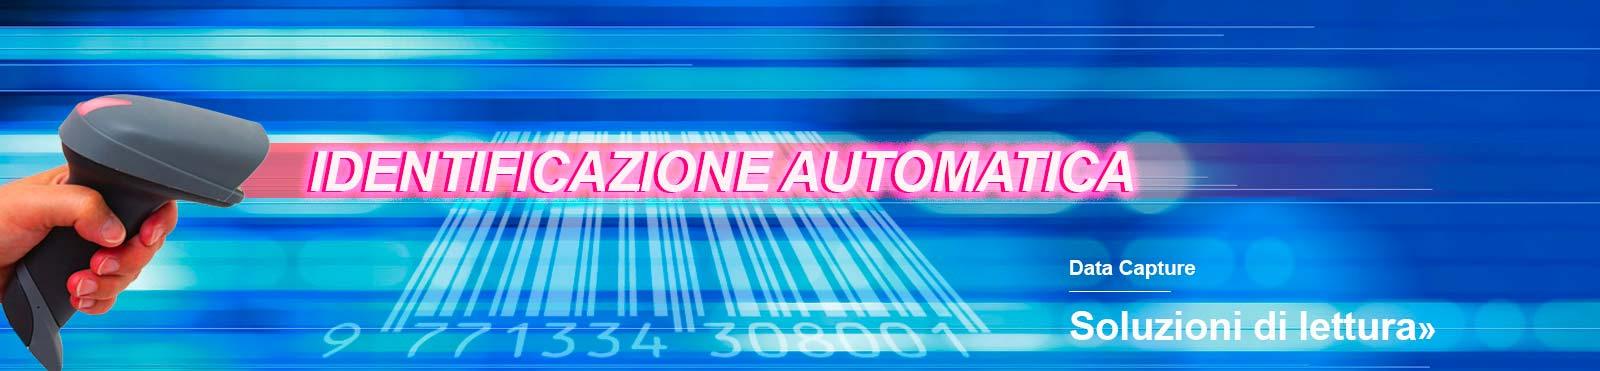 alfacod-identificazione-automatica